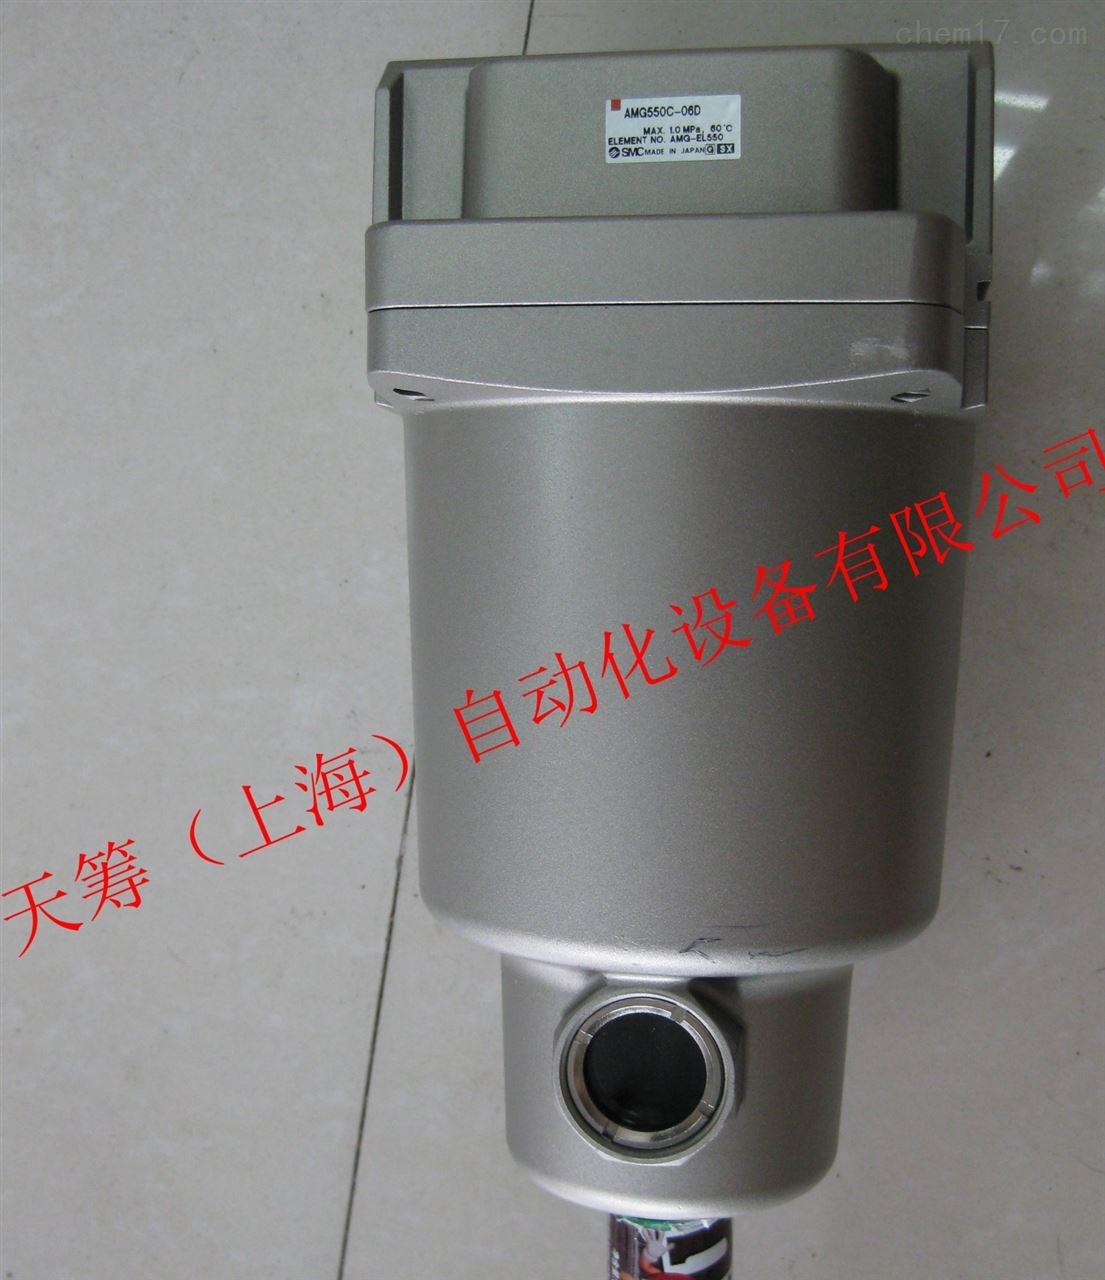 日本SMC水滴分离器AMG550C-06D进口原装